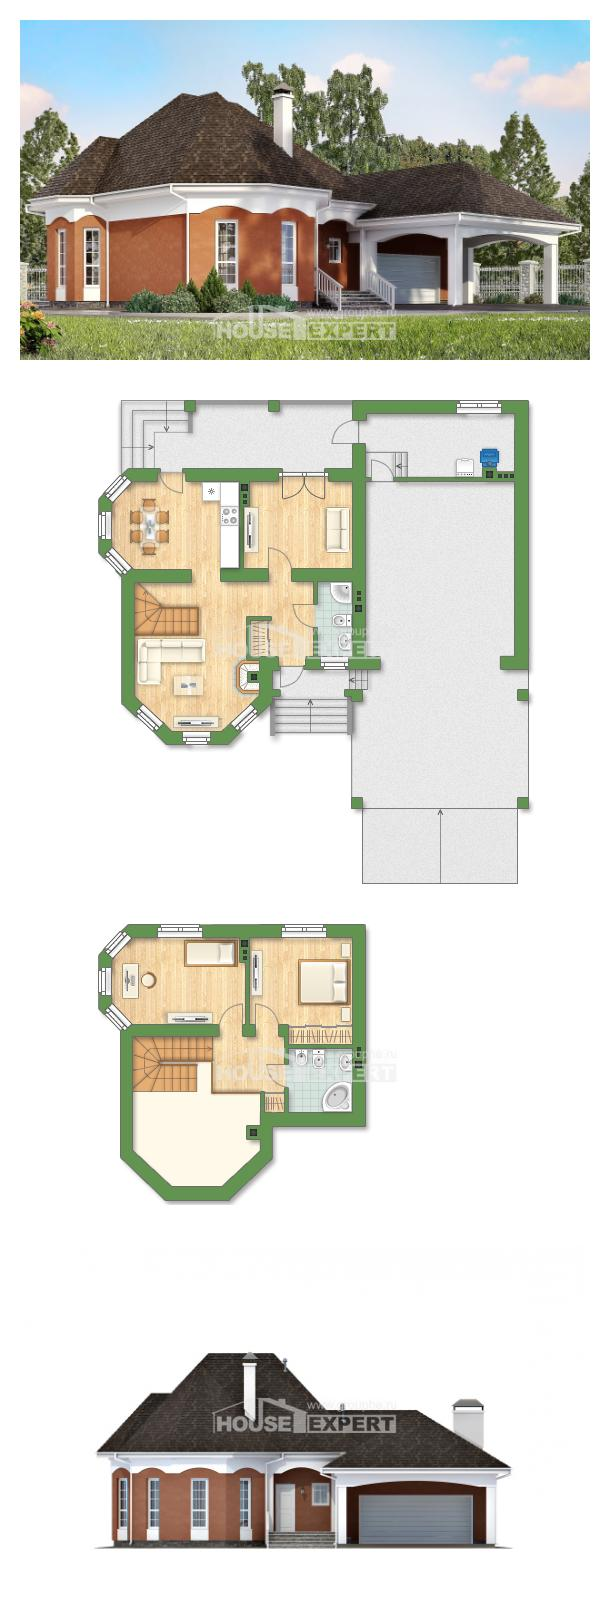 Проект дома 180-007-П | House Expert